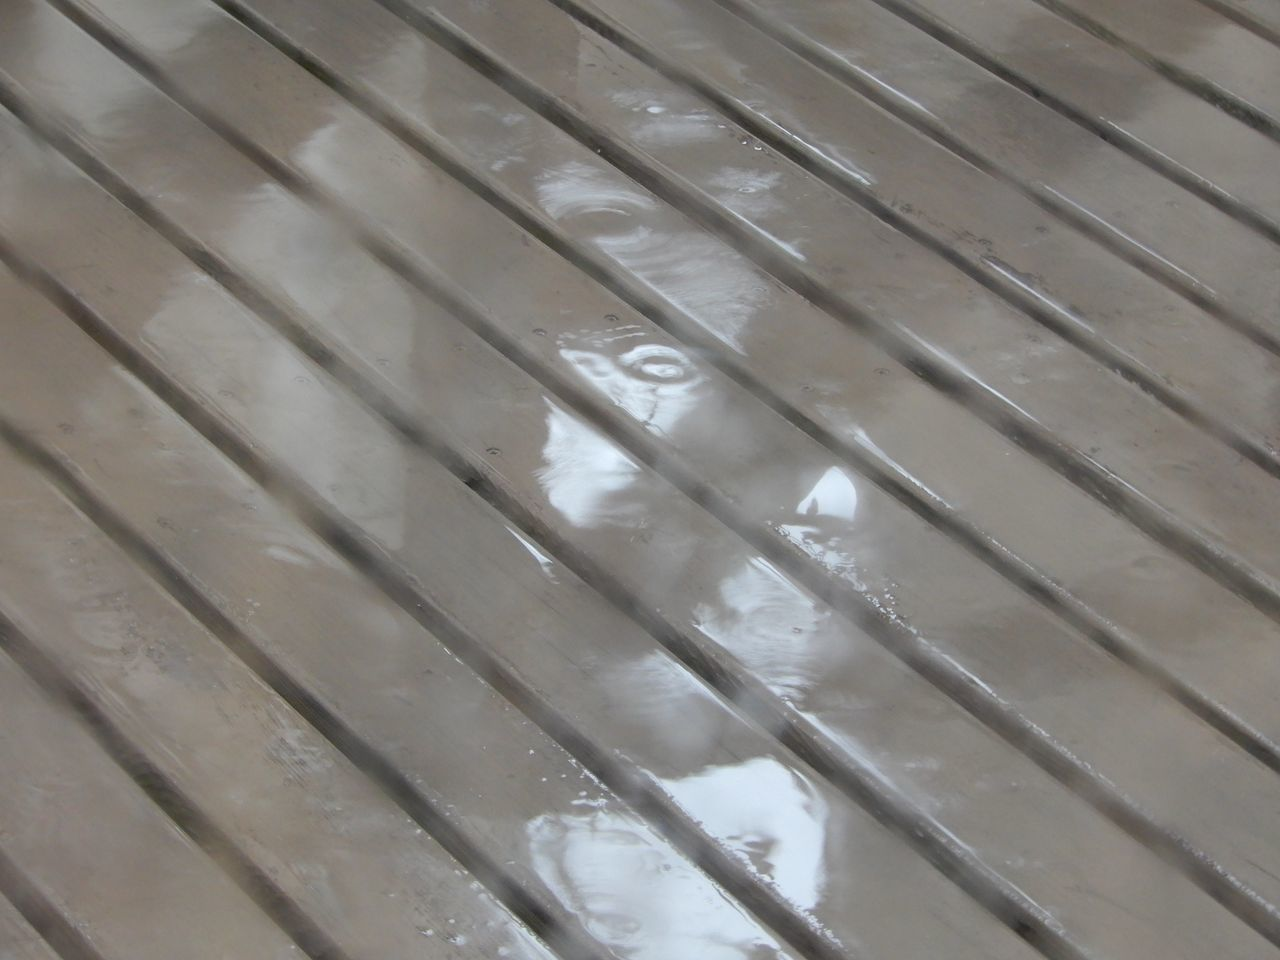 冷たい雨が降り続く_c0025115_21572340.jpg